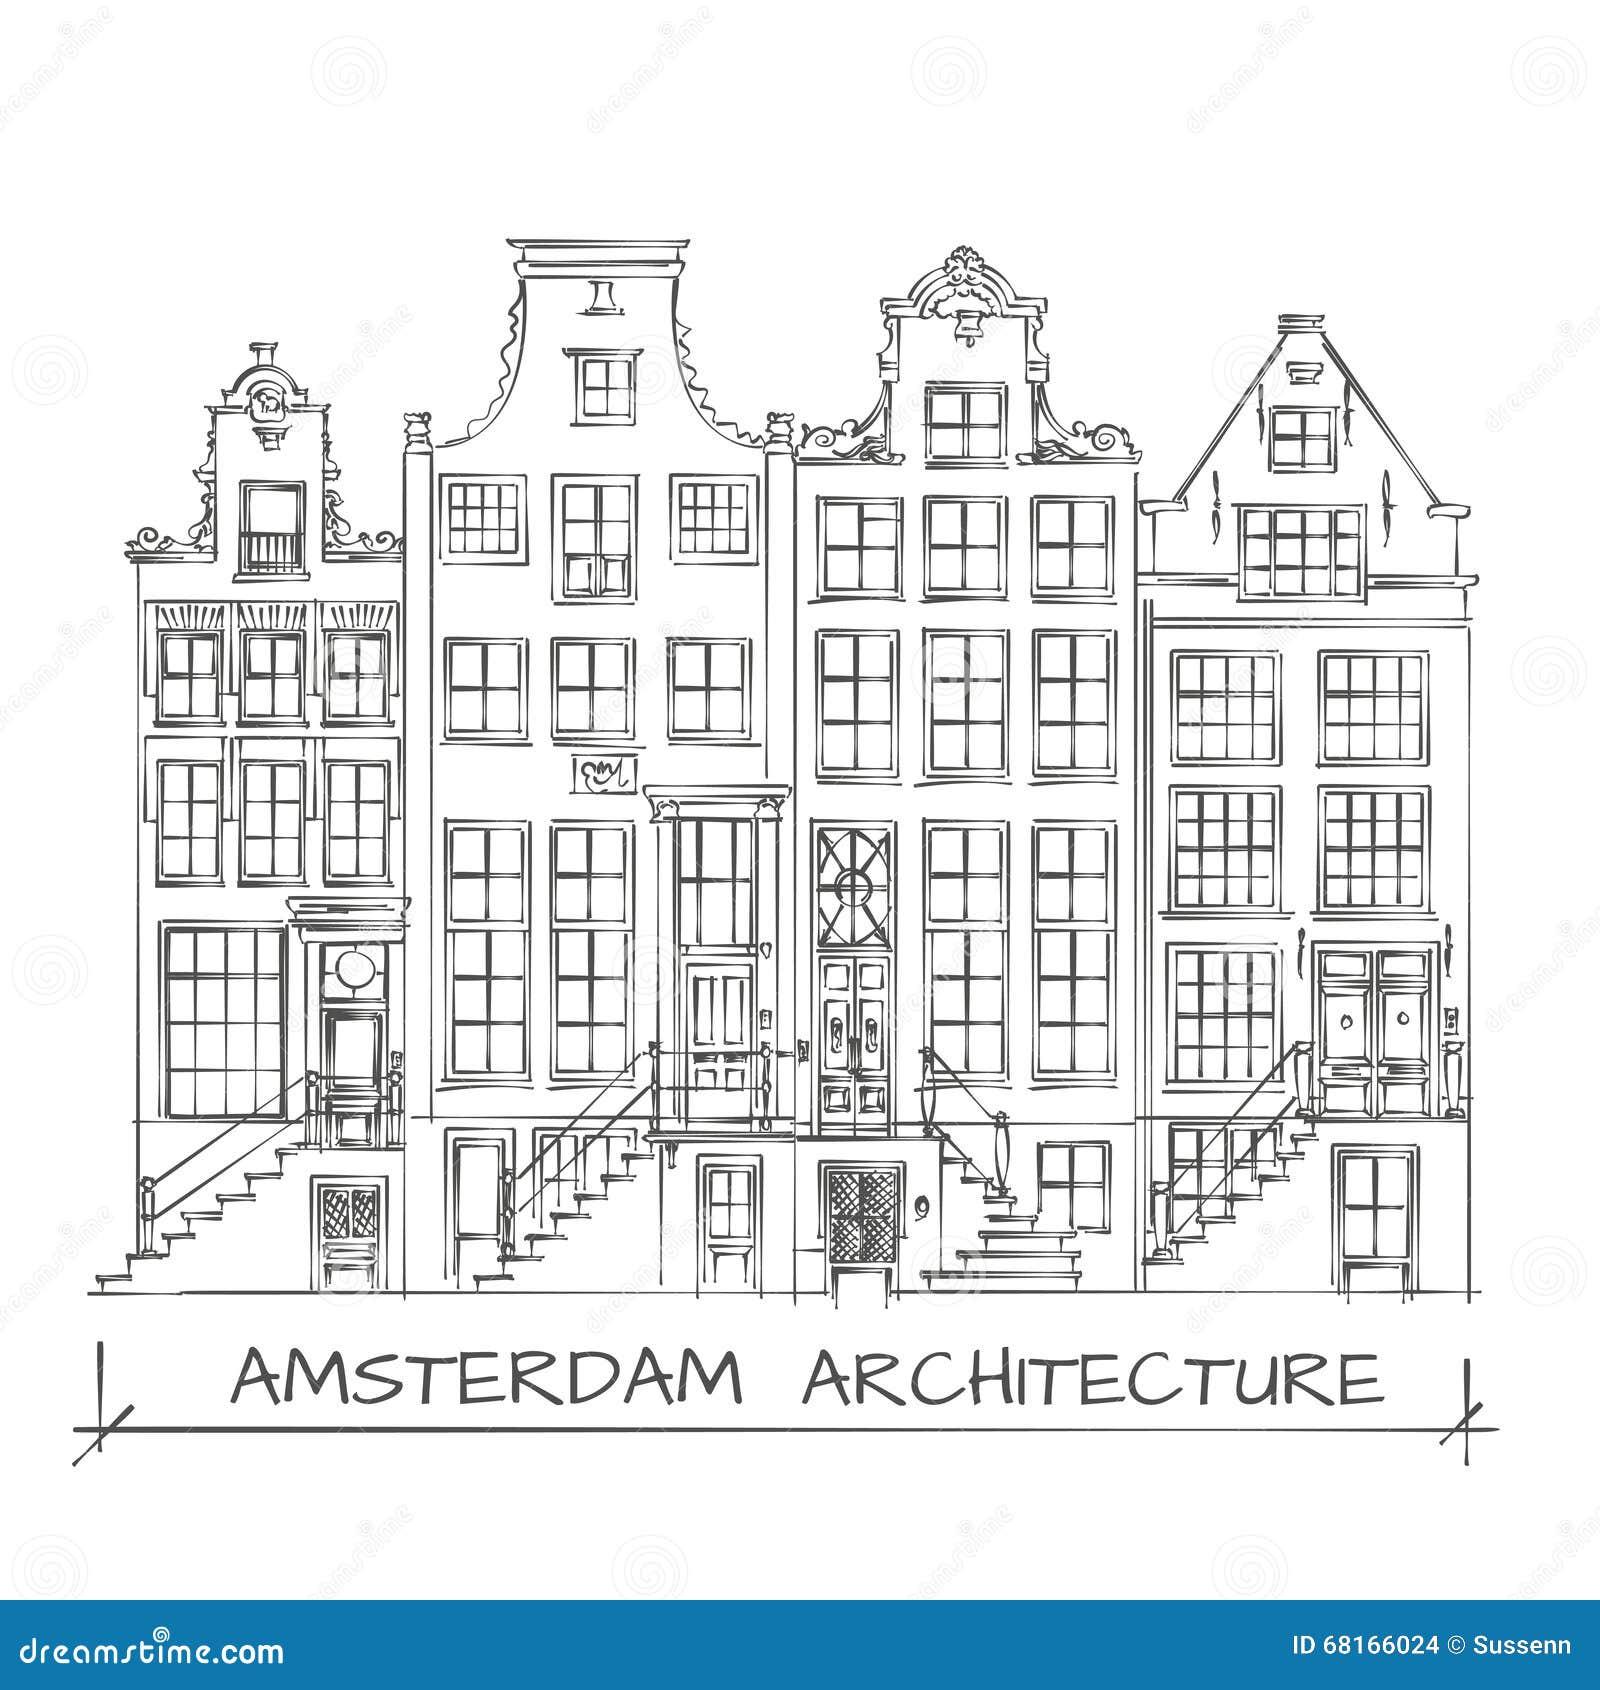 Dessin d 39 architecture d 39 amsterdam illustration de vecteur for Dessin architecture